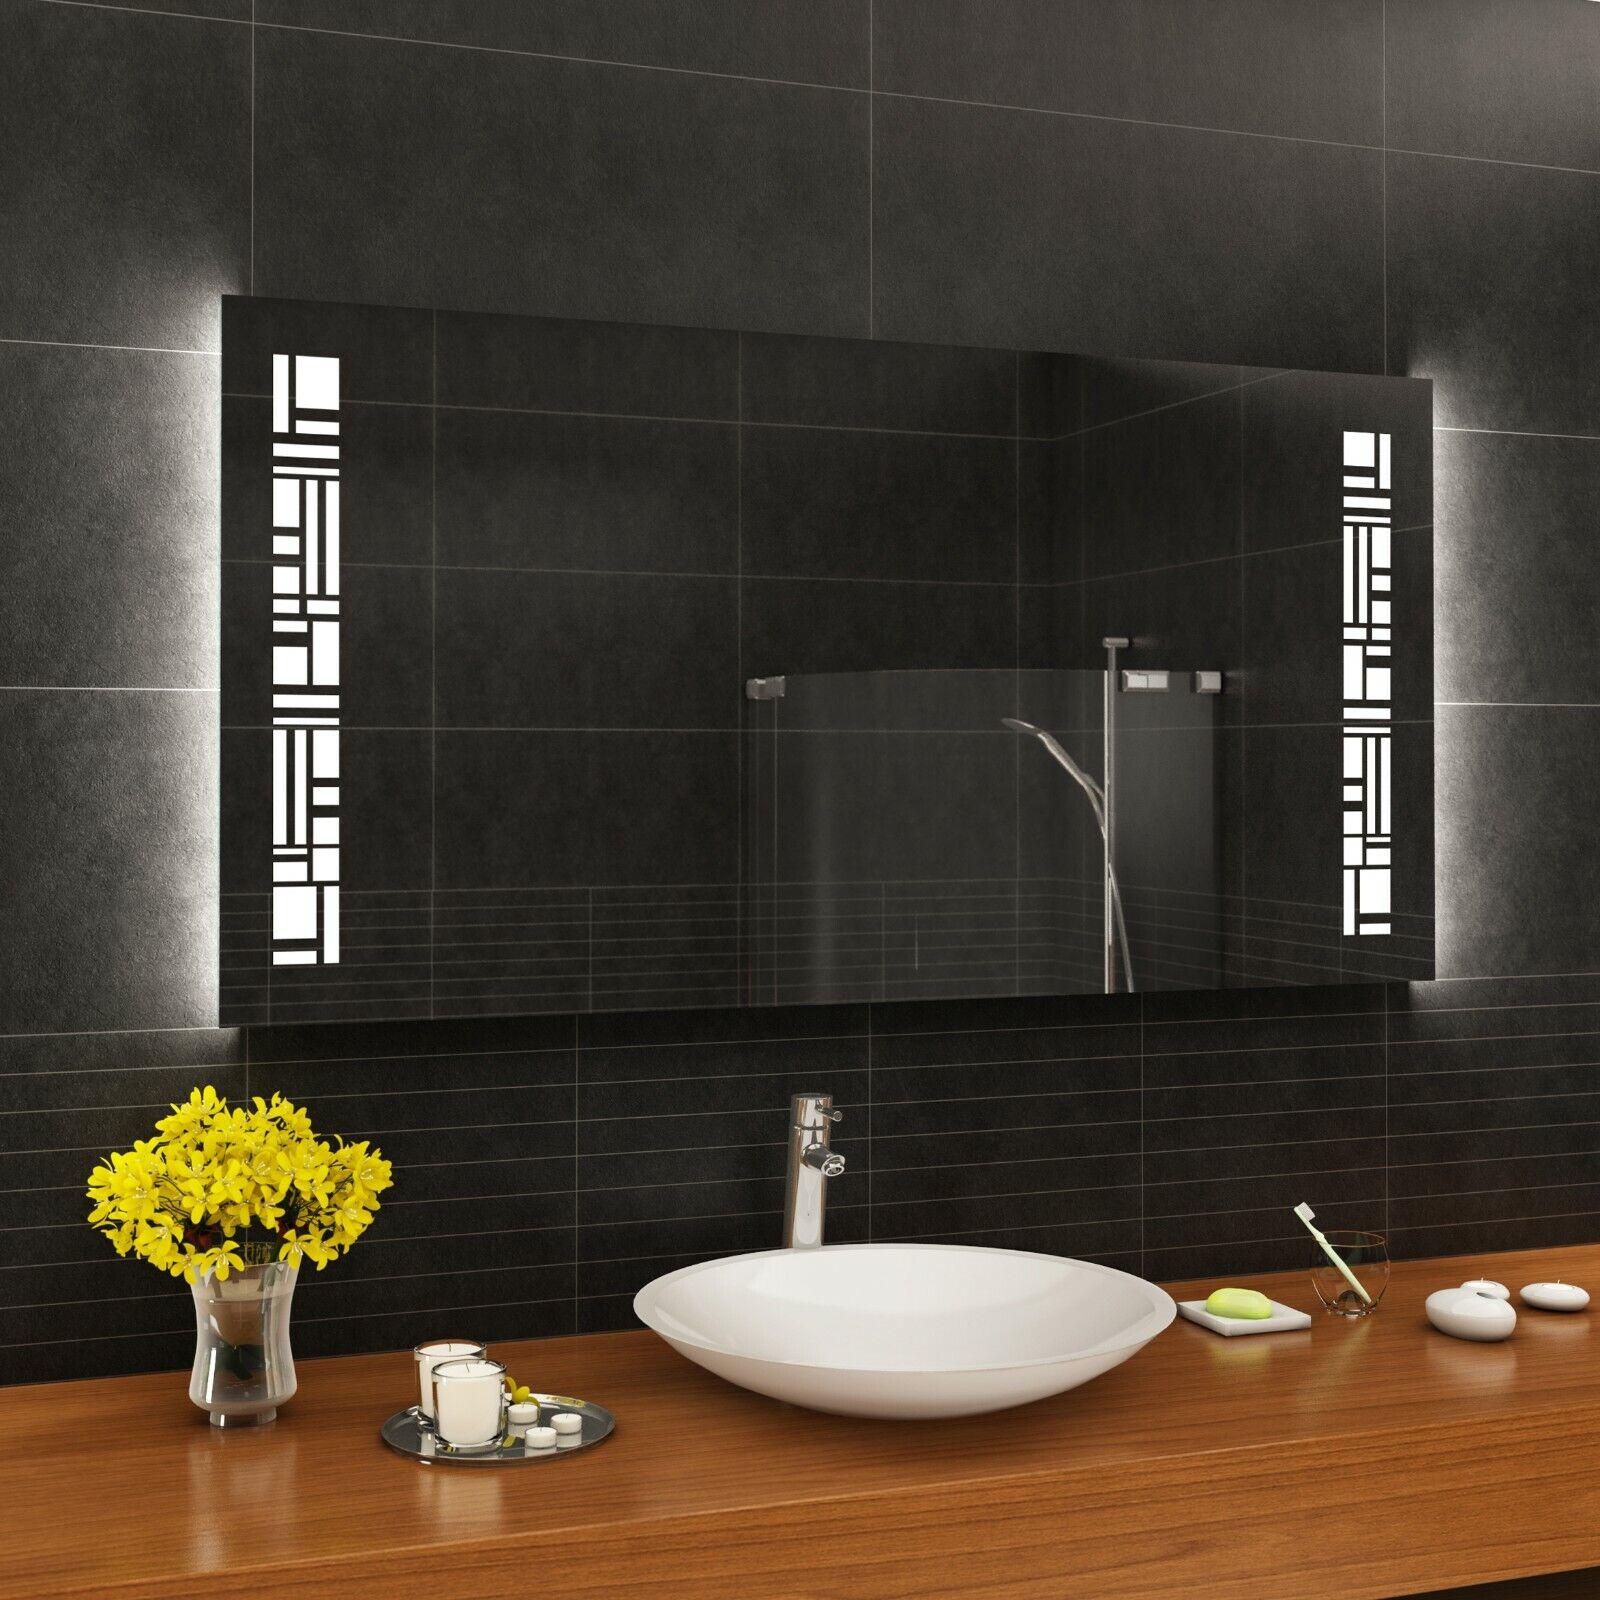 badspiegel nach m40 maß wandspiegel badezimmerspiegel  leuchtspiegel neue wege gehen #7